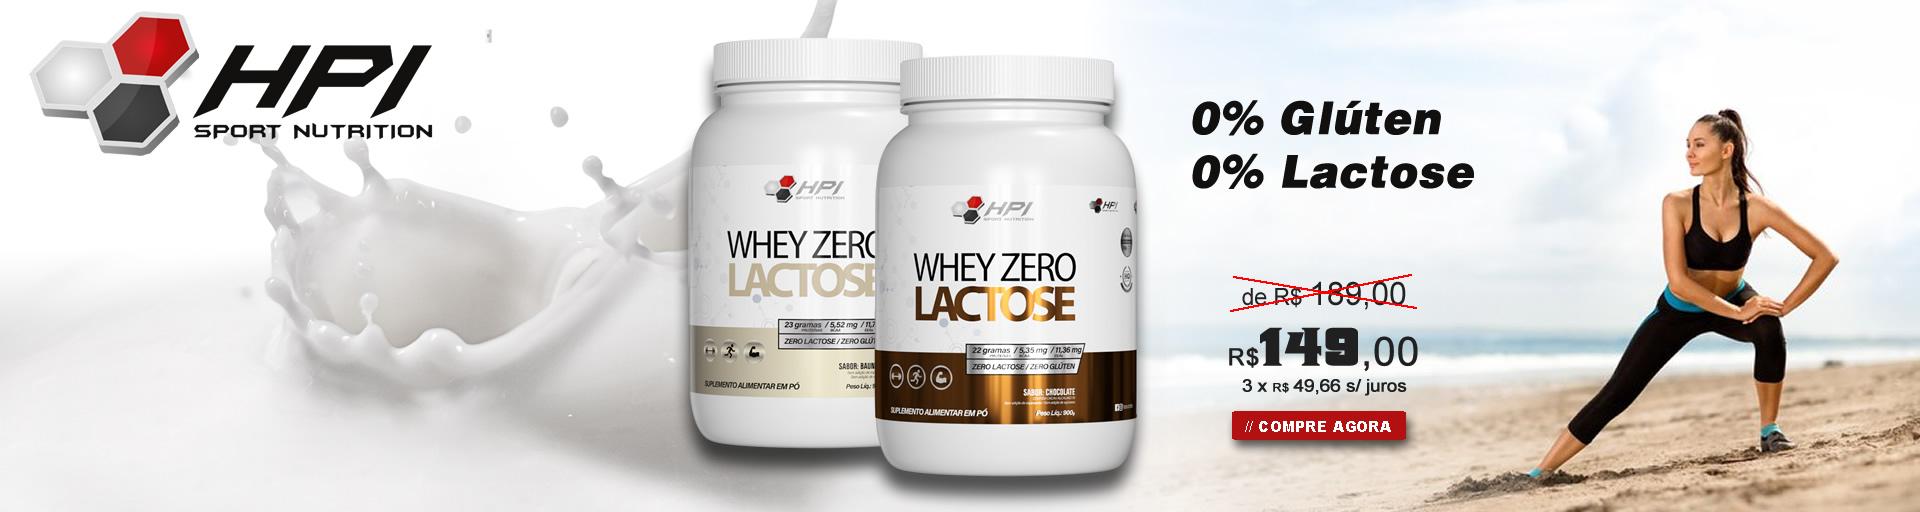 whey zero lactose